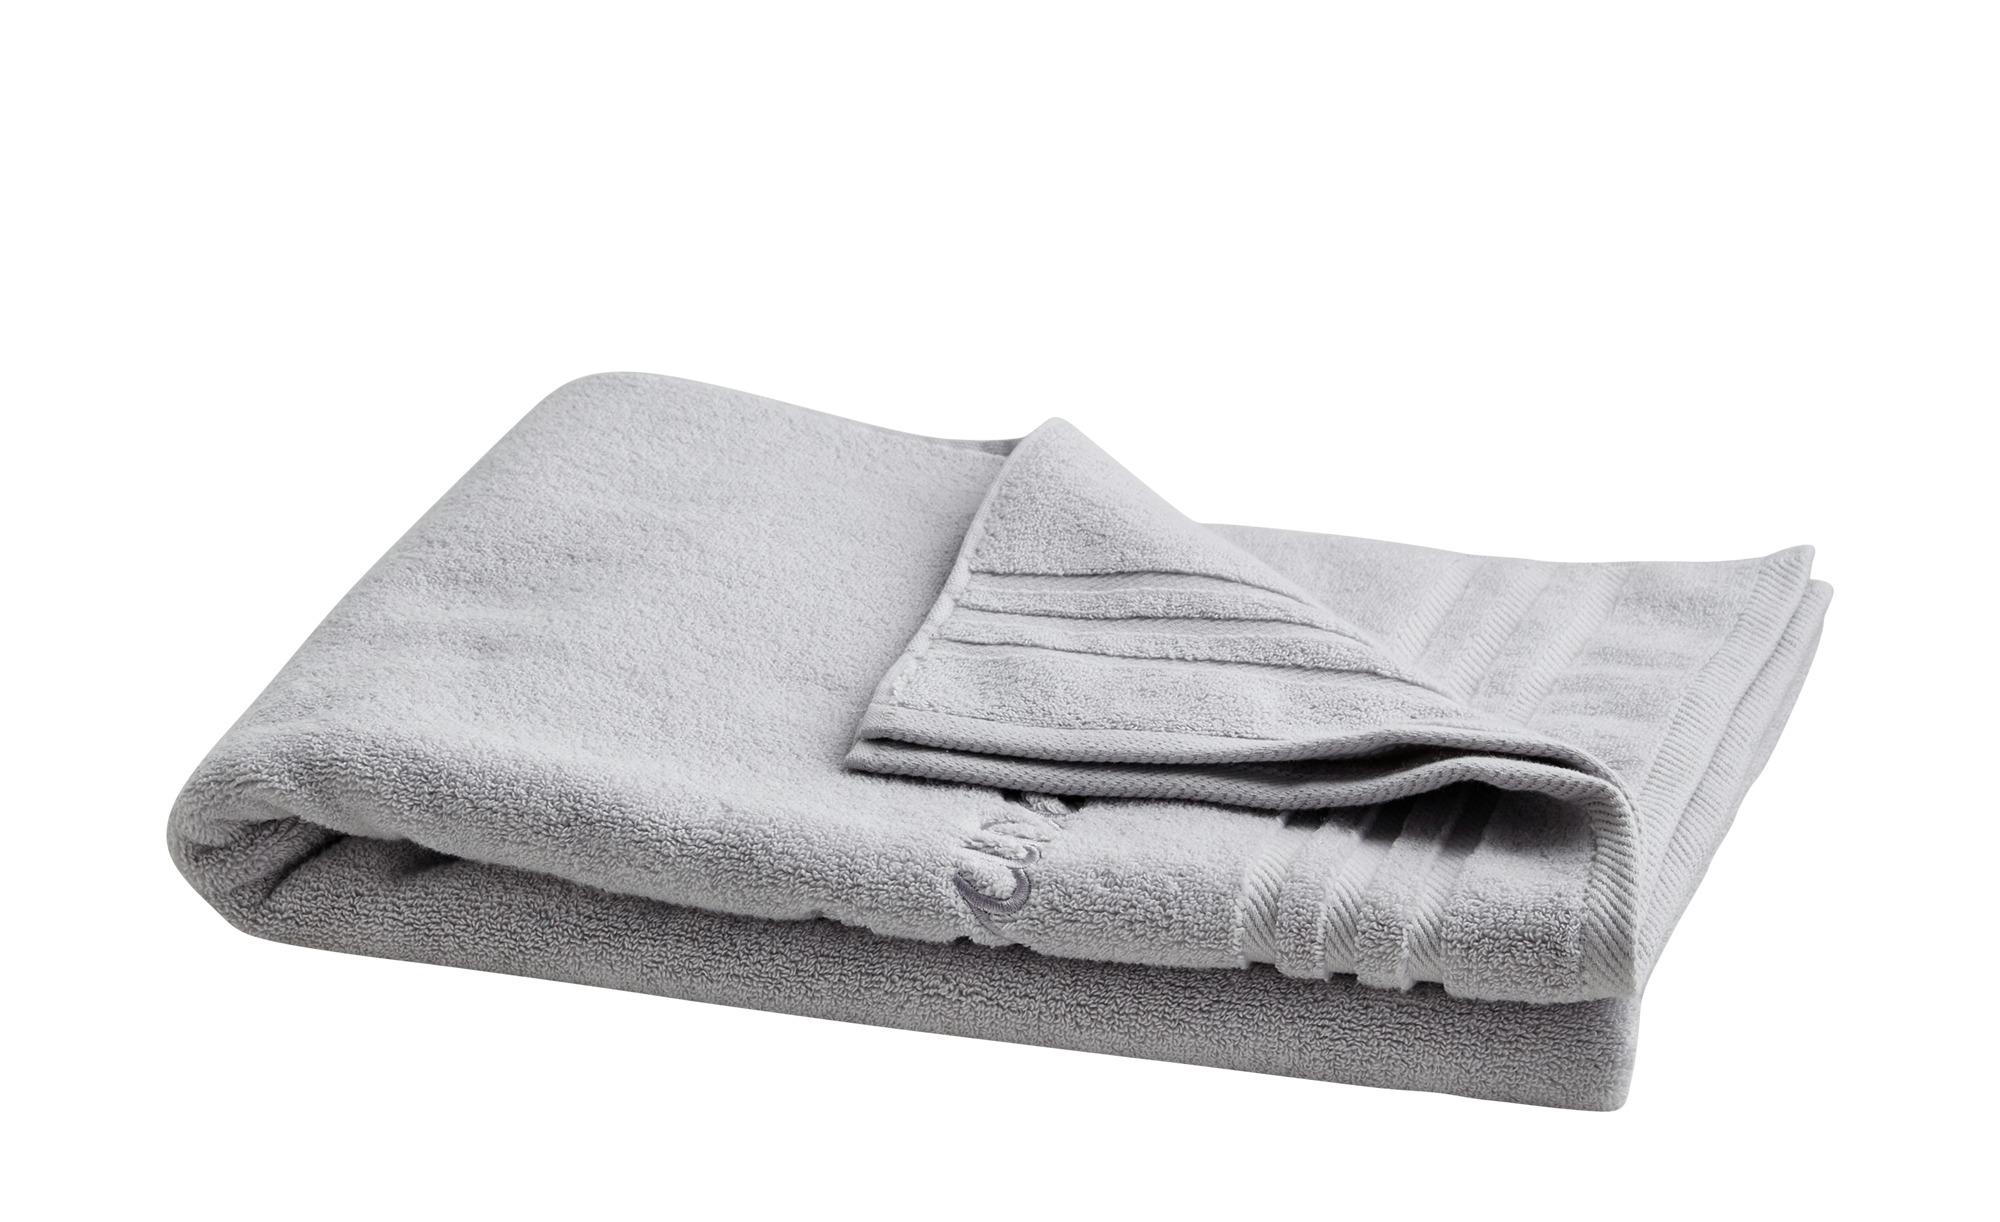 LAVIDA Saunatuch  Sauna Soft Cotton ¦ grau ¦ reine Baumwolle Badtextilien und Zubehör > Handtücher & Badetücher > Badetücher & Saunatücher - Höffner